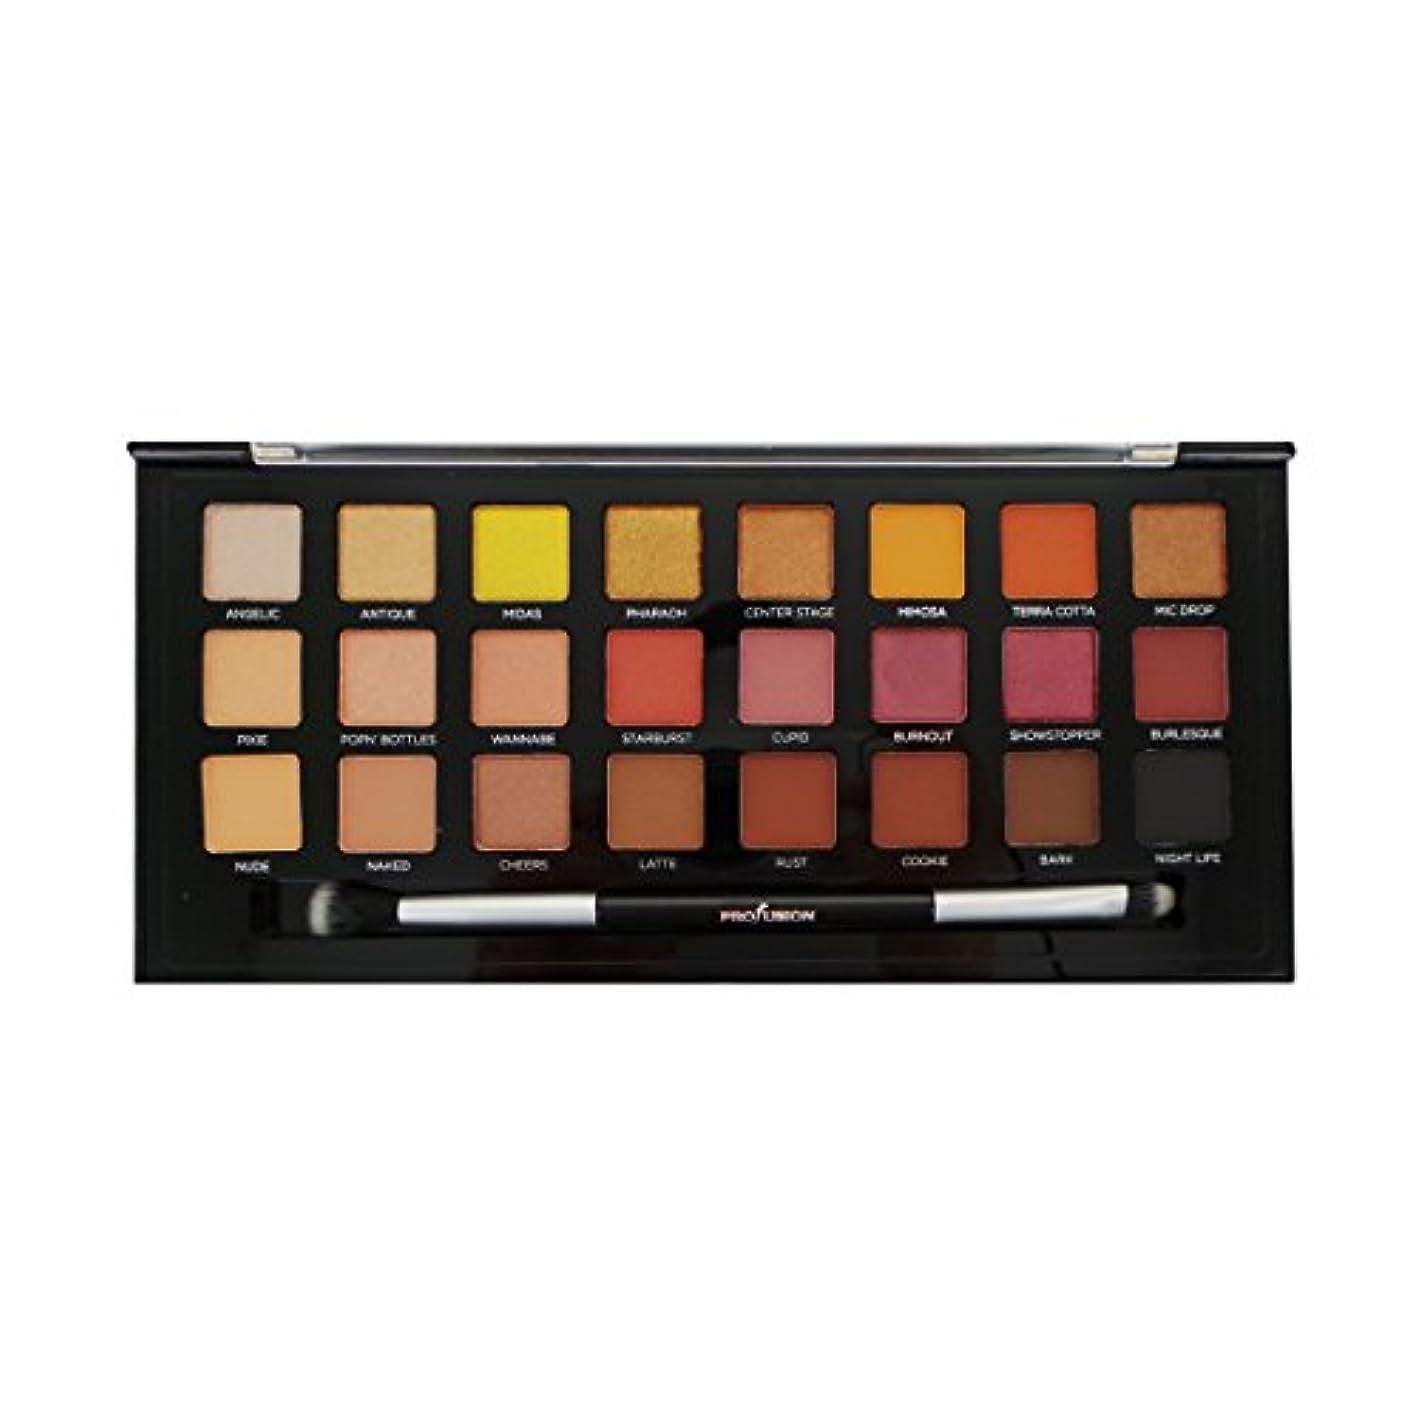 熱誘う独立したPROFUSION Glitter & Glam 24 Eyeshadow Palette (並行輸入品)